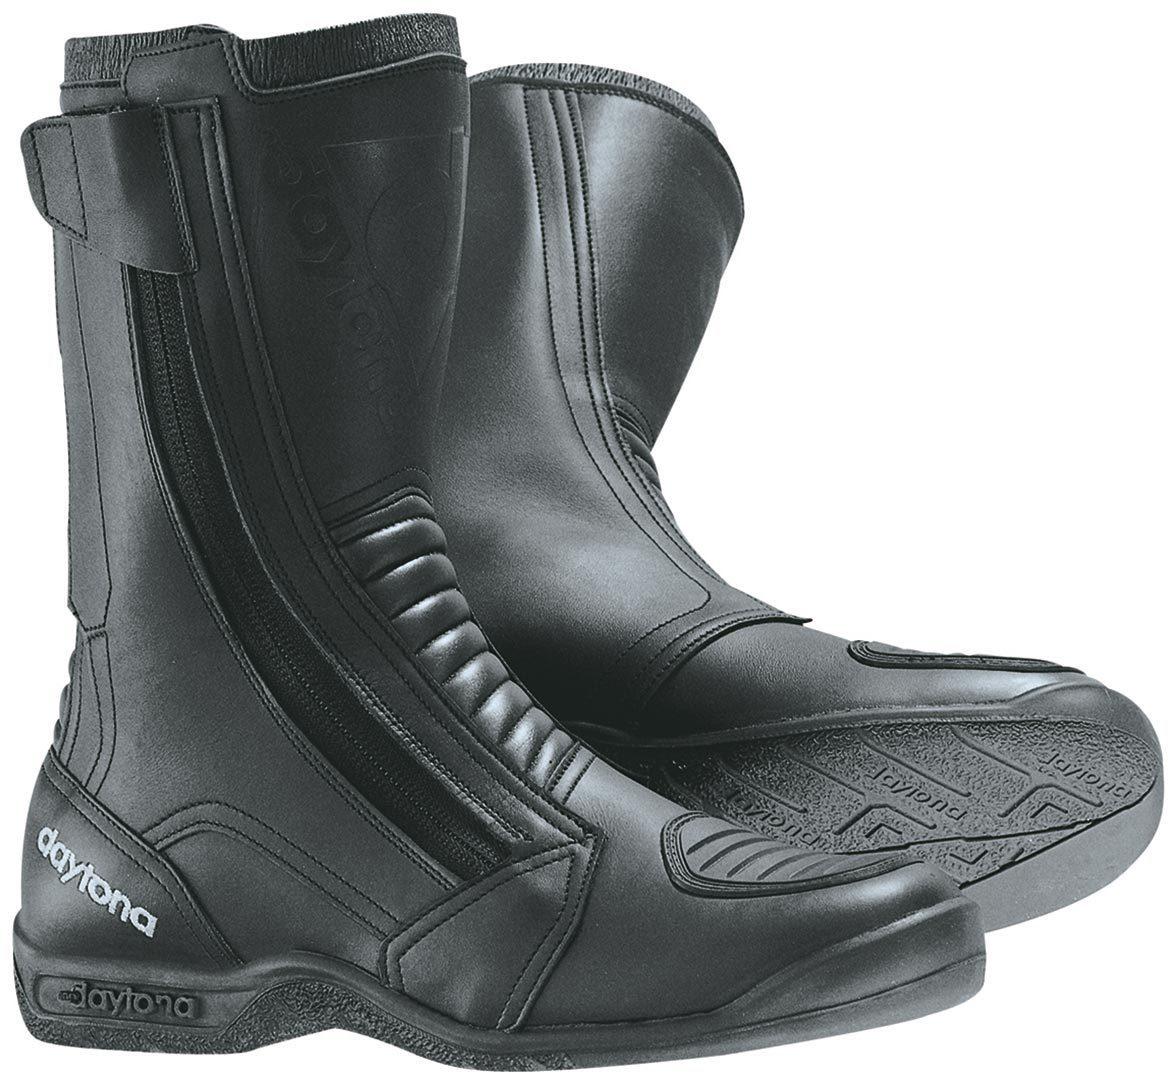 Daytona Toper Basic Motorradstiefel, schwarz, Größe 39, schwarz, Größe 39